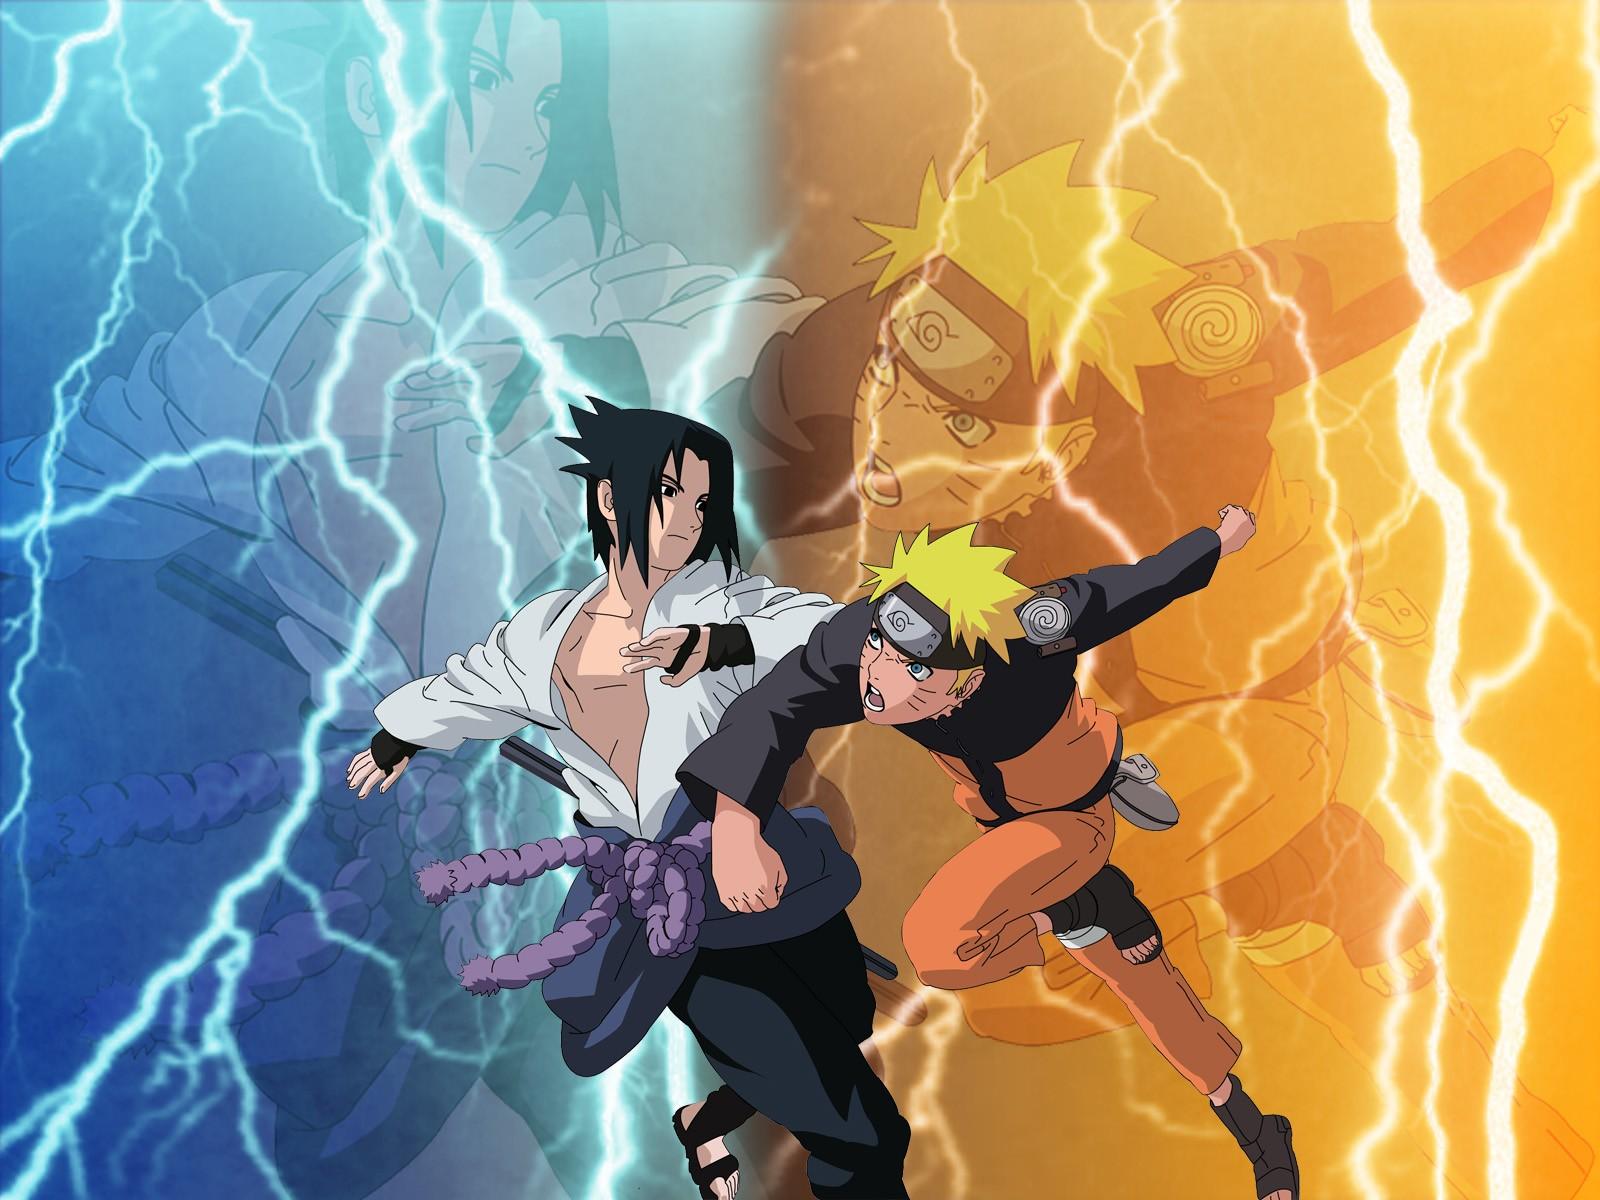 Naruto Shippuden   Sasuke vs Naruto HD Wallpaper Animation 1600x1200